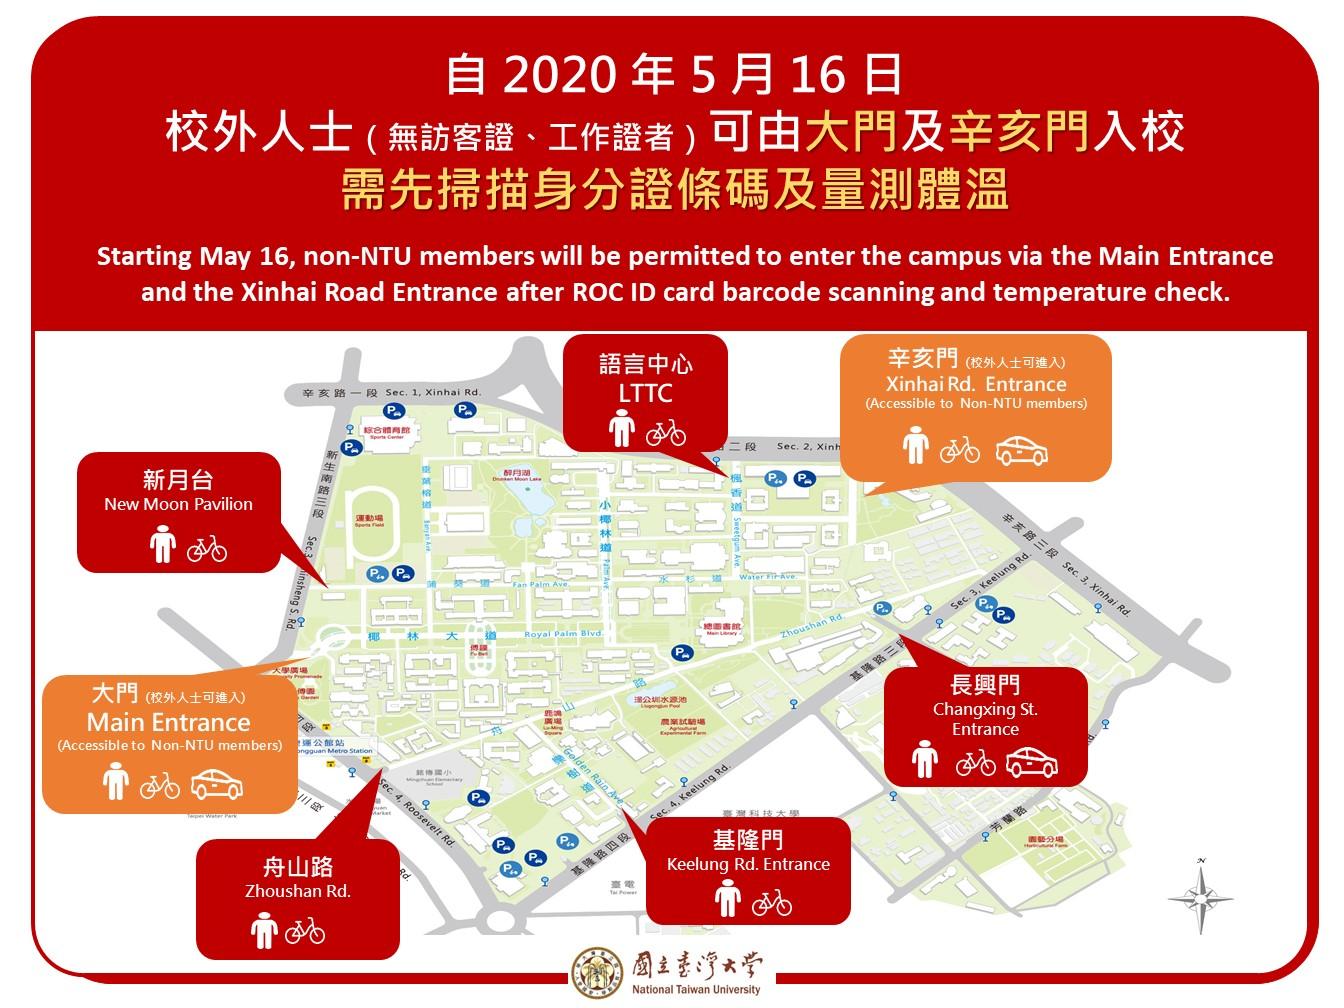 2020-5-16-校外人士可由大門及辛亥門刷身份證入校